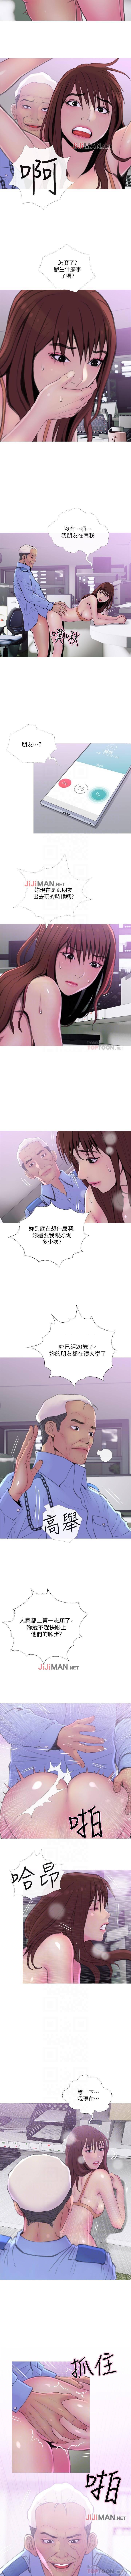 【周五连载】主妇危机(作者:查爾斯&漢水) 第1~26话 58